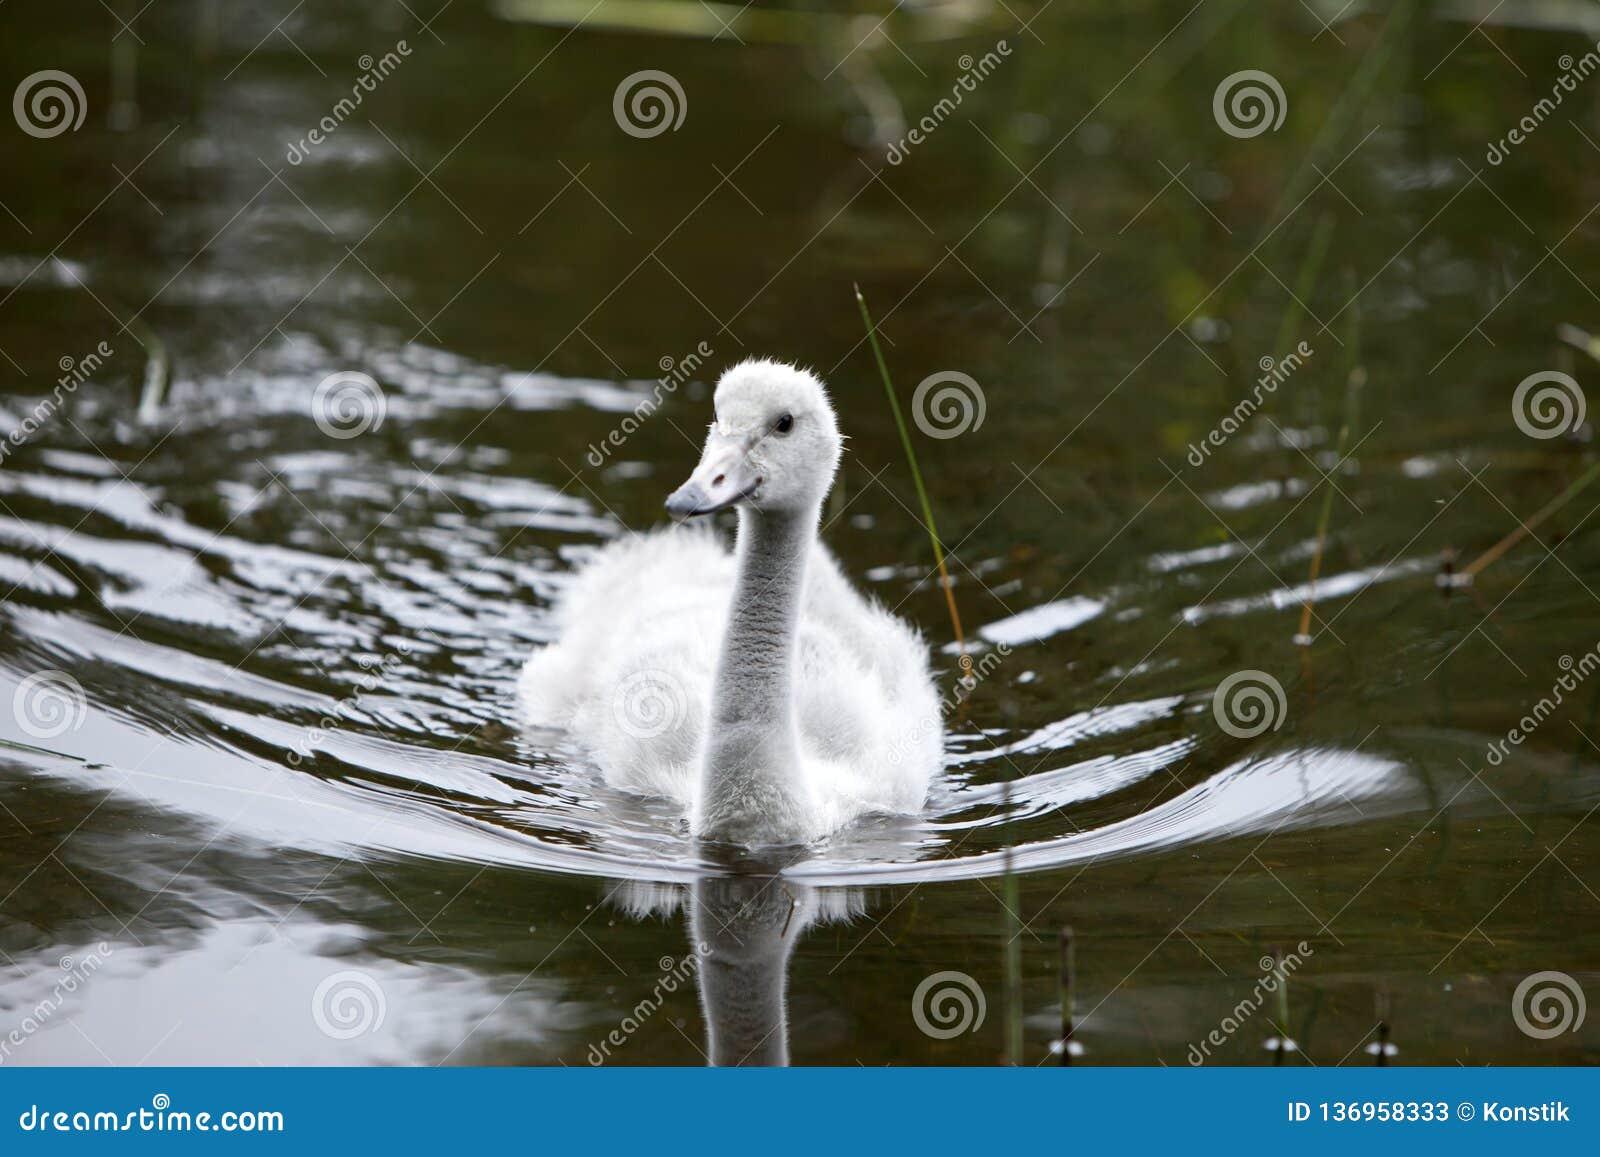 Pássaro de bebê de uma cisne no lago